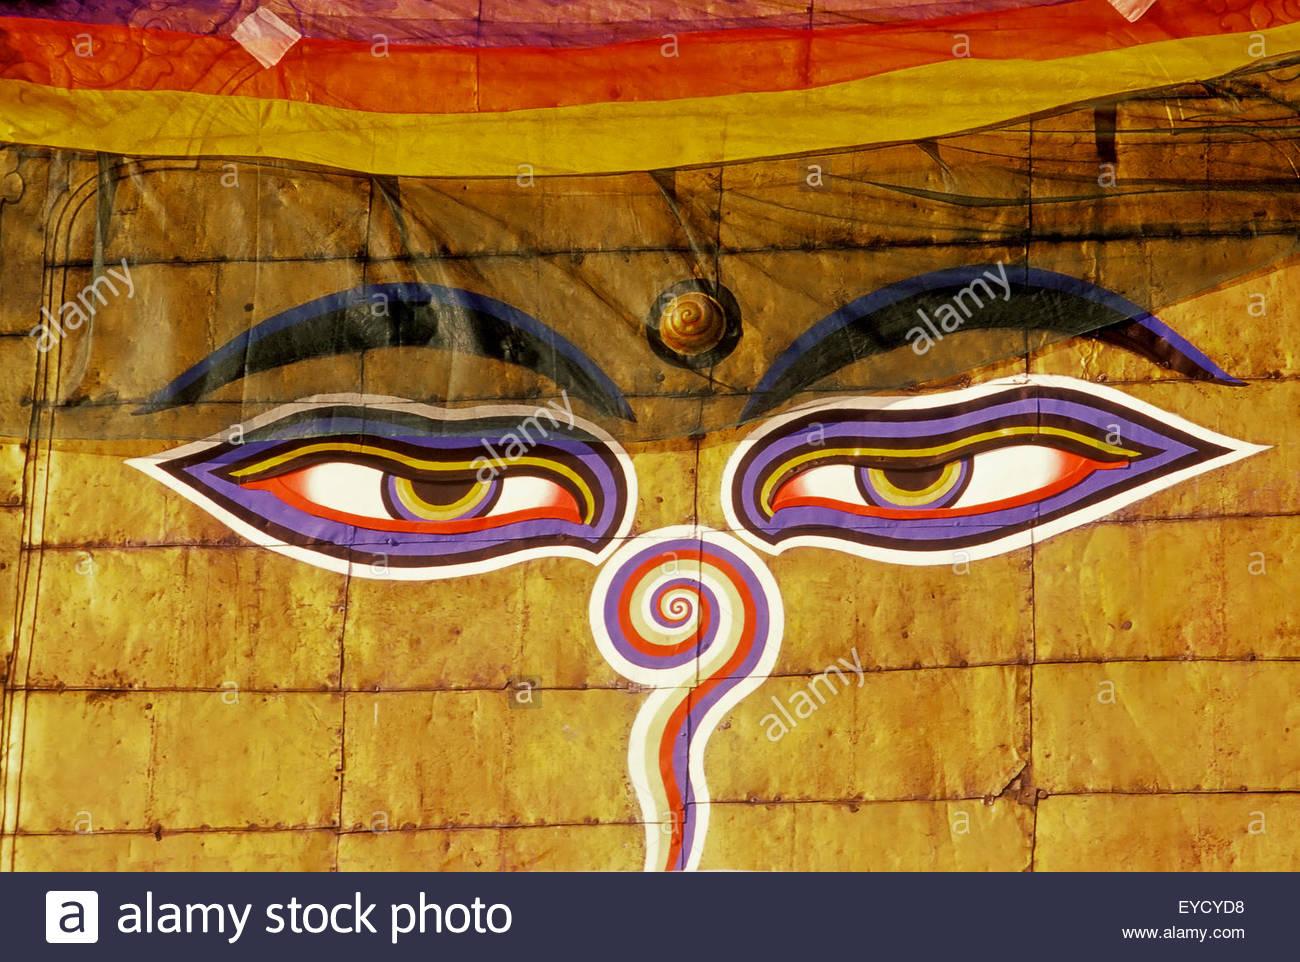 Buddha's eyes, Swayambhunath, Katmandu, Nepal, Asia - Stock Image